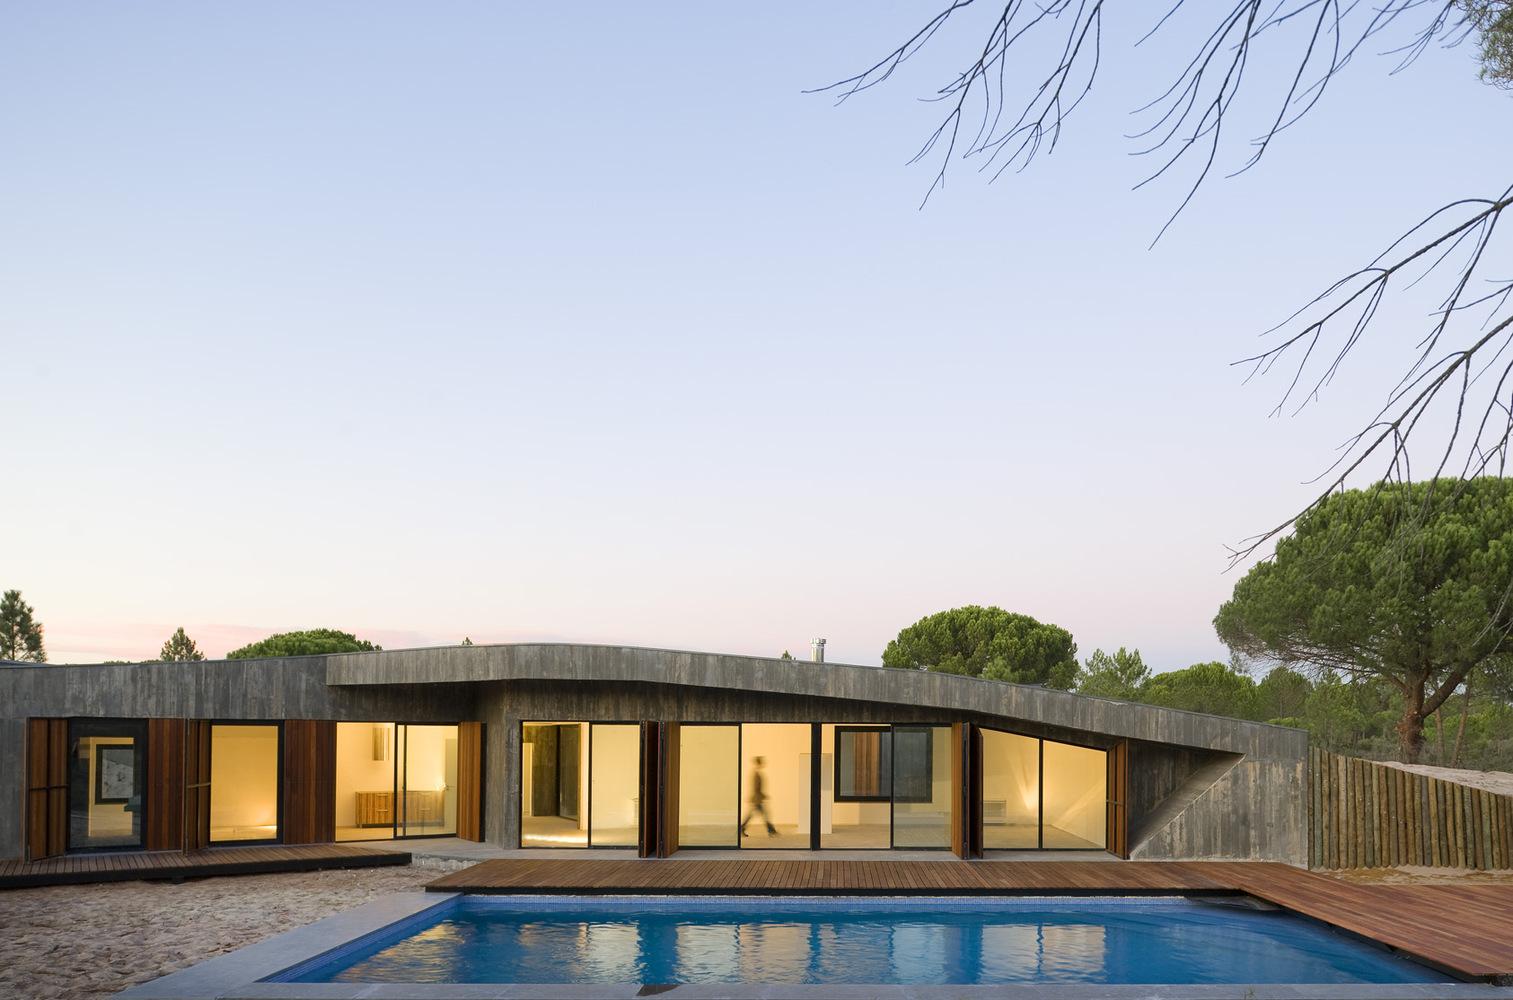 Discover Comporta's Dune House by Pereira Miguel Arquitectos dune house Discover Comporta's Dune House by Pereira Miguel Arquitectos 41c91302 2ad6 4cc8 9369 a83c201001e4